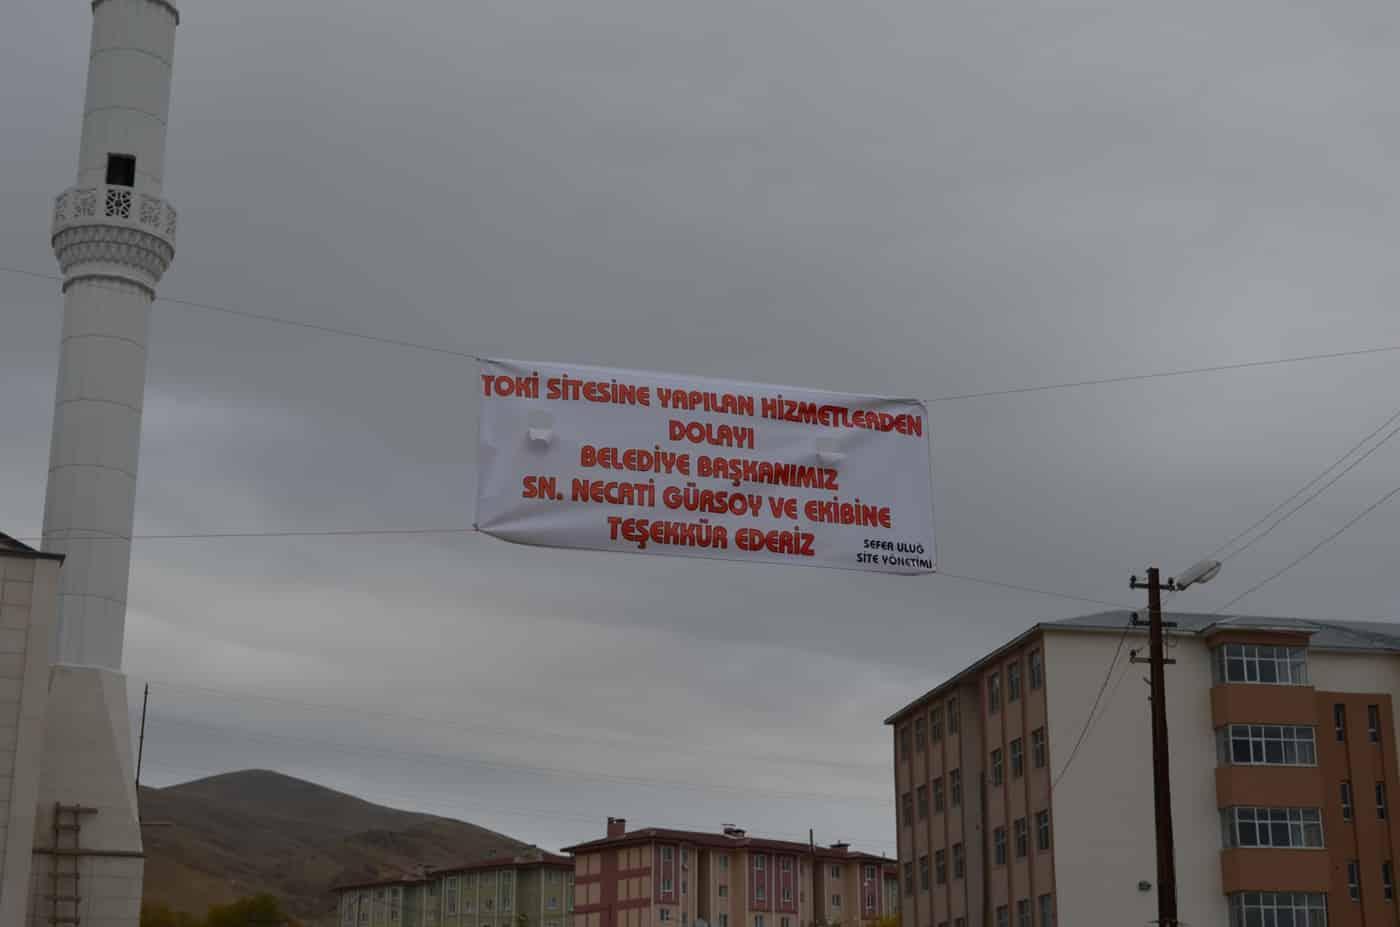 Adilcevaz TOKİ Yönetiminden Belediye Başkanına Pankartlı Teşekkür